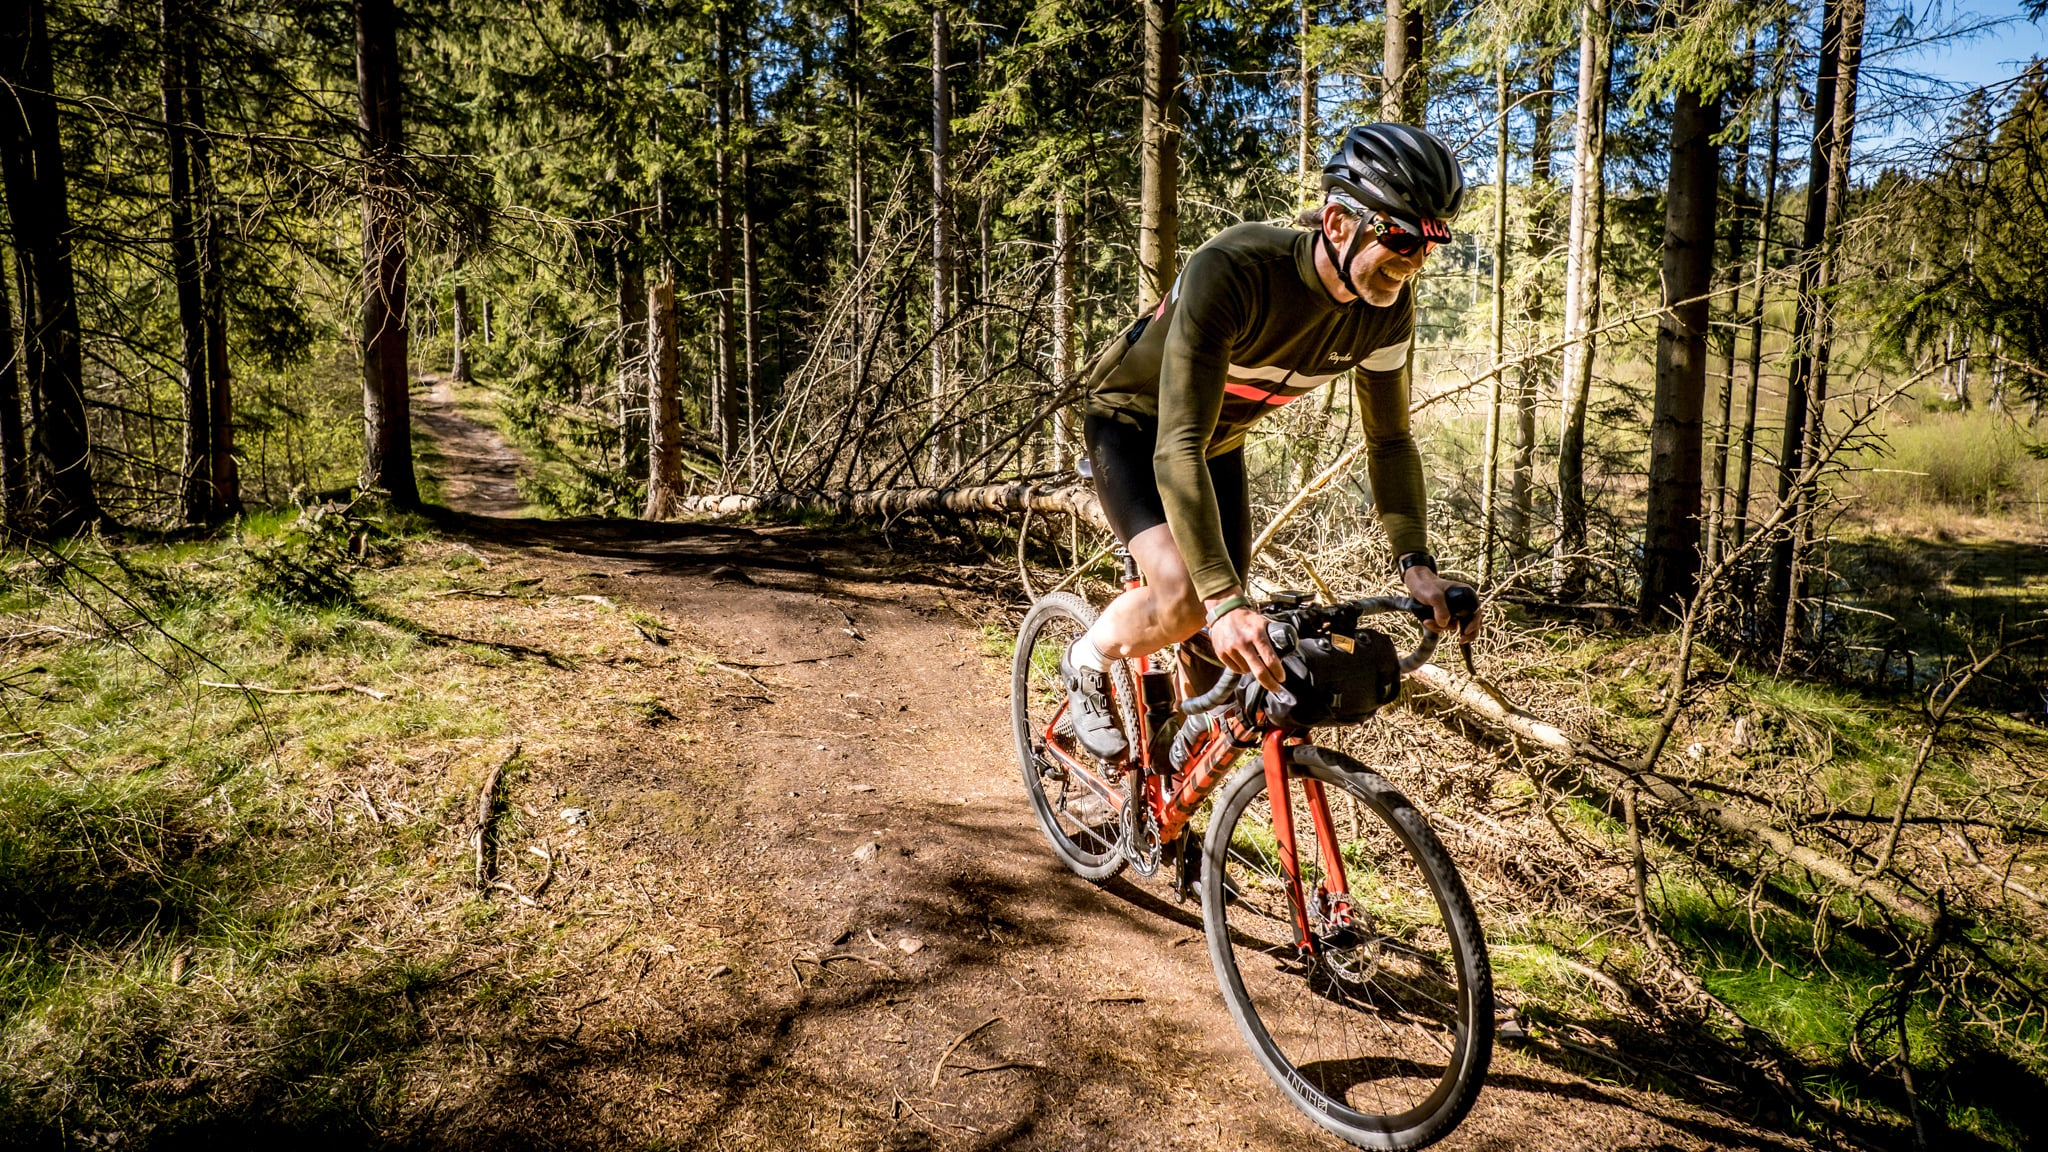 Gravel cykling er det nye sort. (Foto: Martin Paldan/Backlands CC)